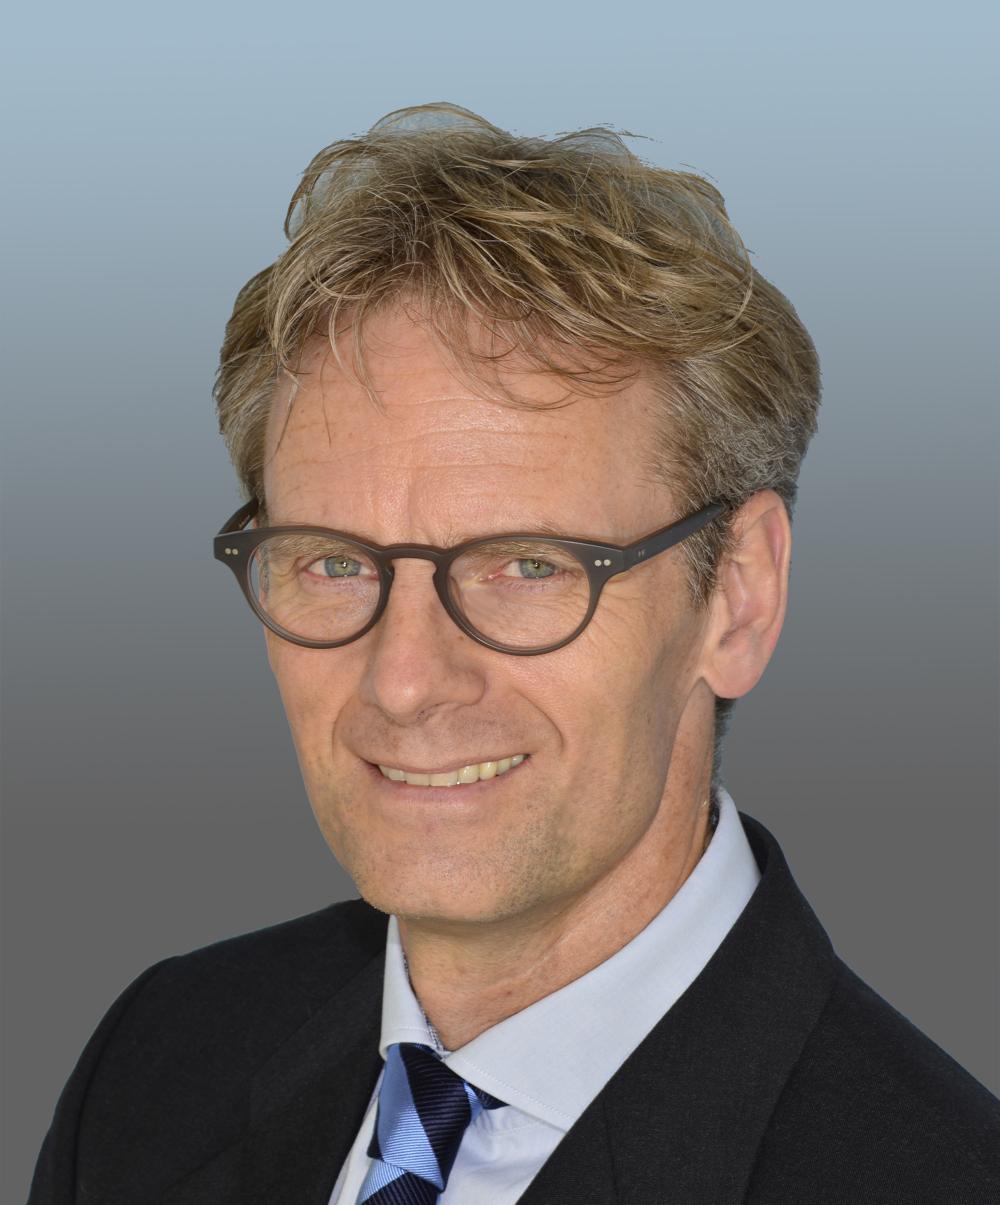 Dr. Joerd van der Meer